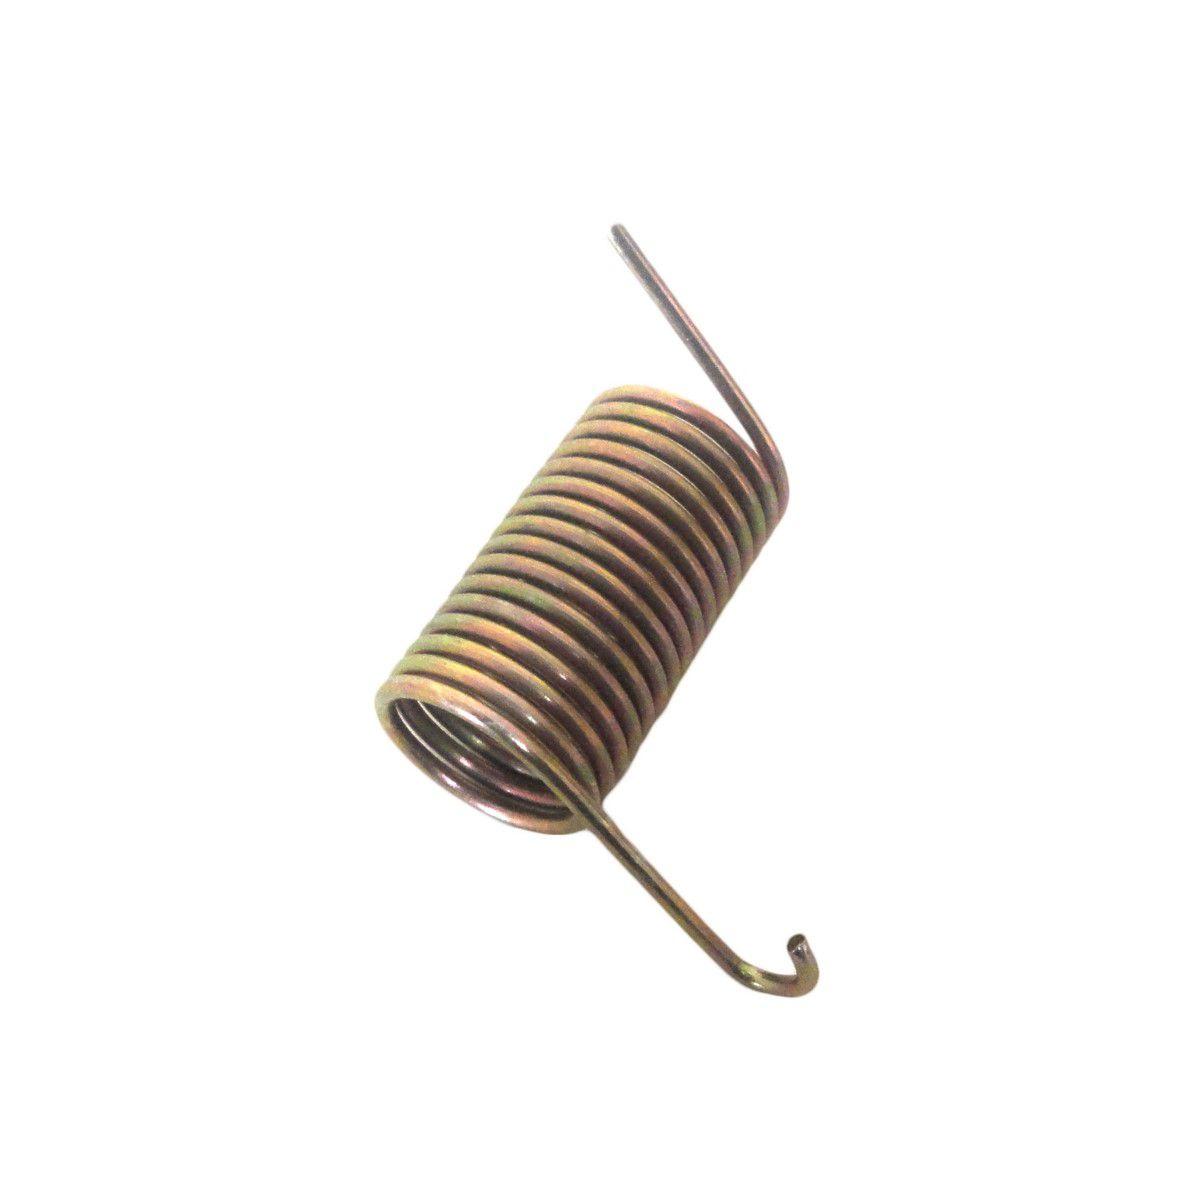 Mola Eixo de Aceleração Carburador Solex 2E 3E VW GM Ford 1.6 1.8 2.0